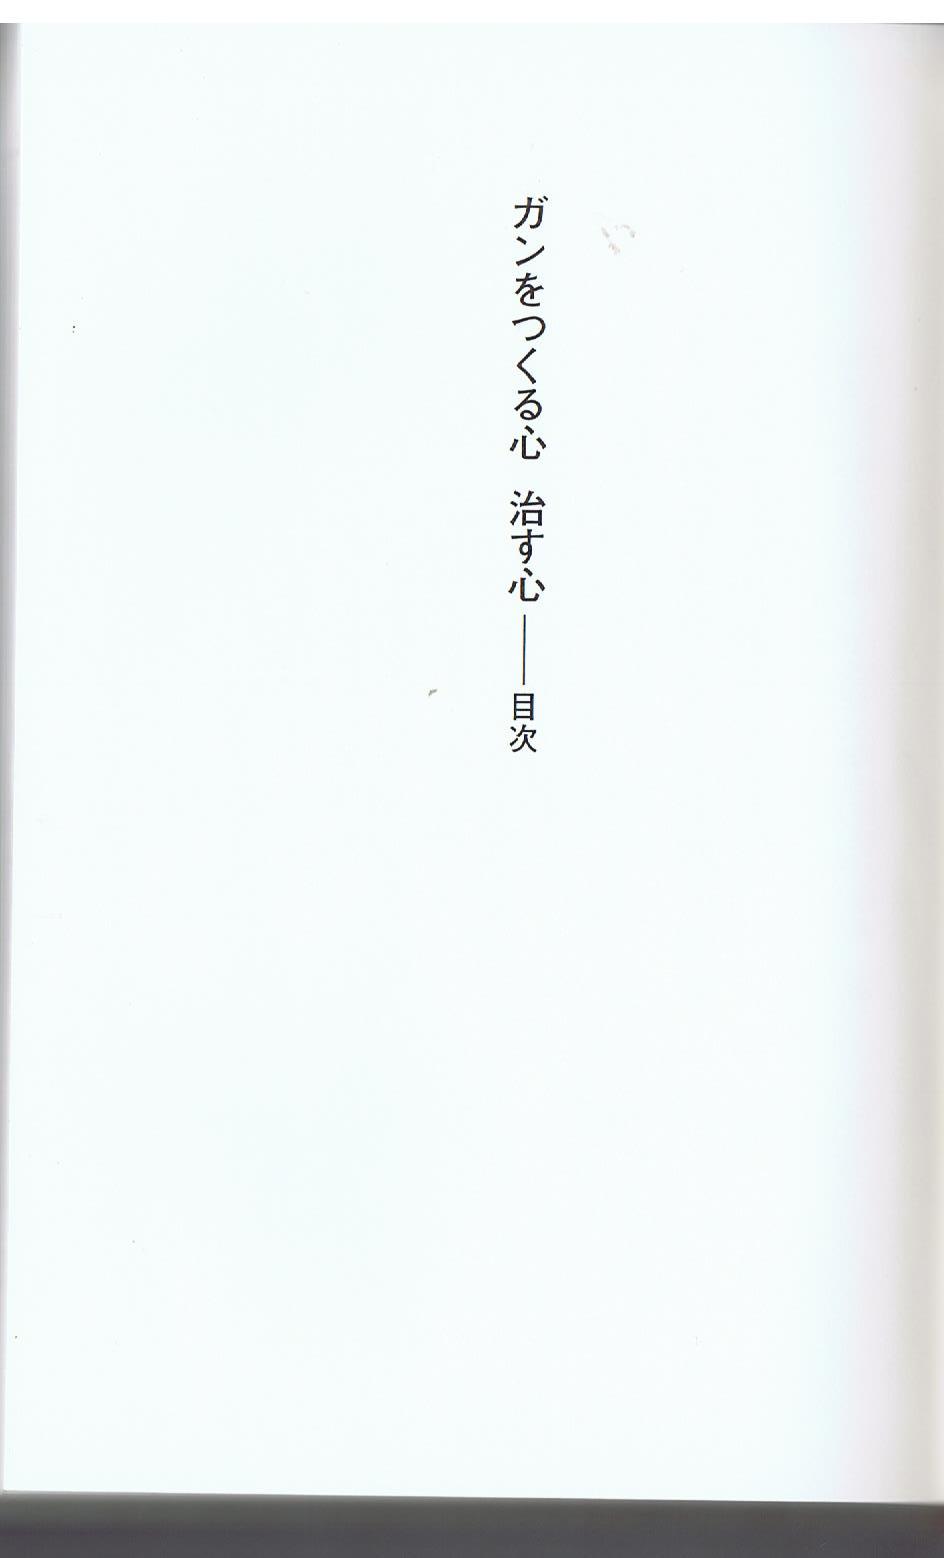 c0246876_08402011.jpeg